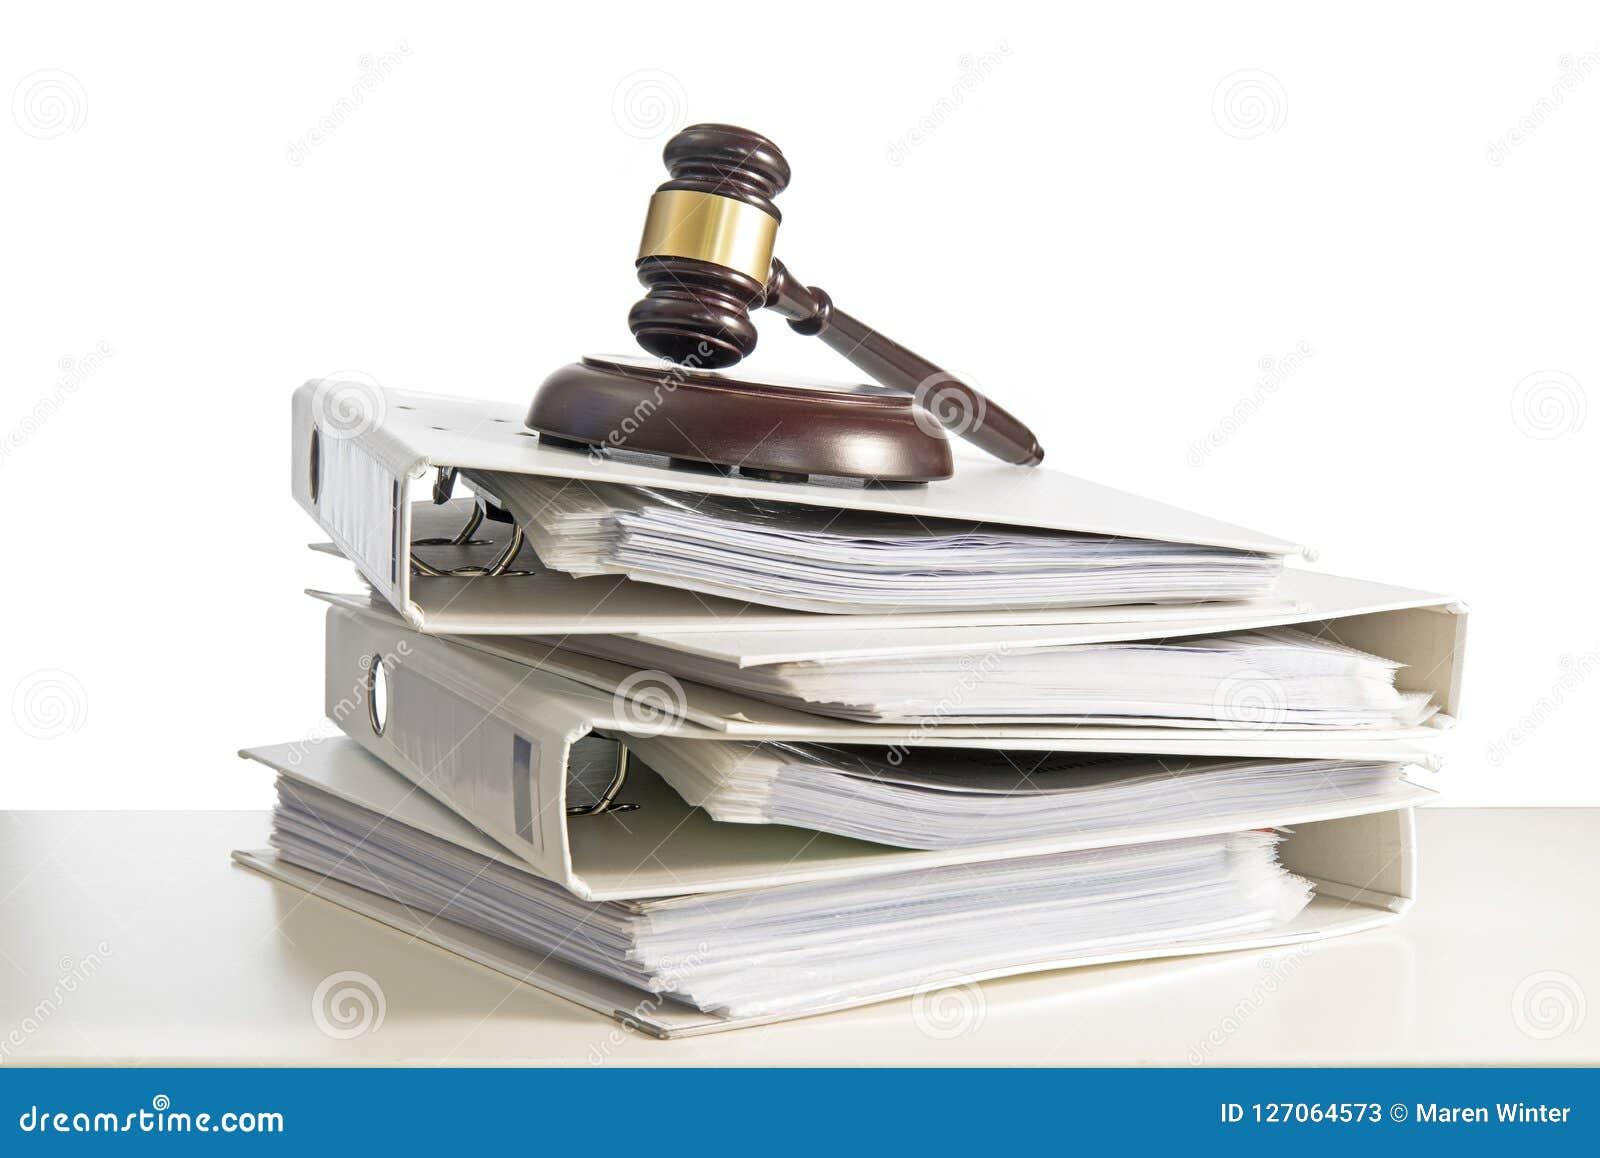 Σωρός των φακέλλων και gavel δικαστών σε ένα γραφείο, που απομονώνονται σε ένα μόριο